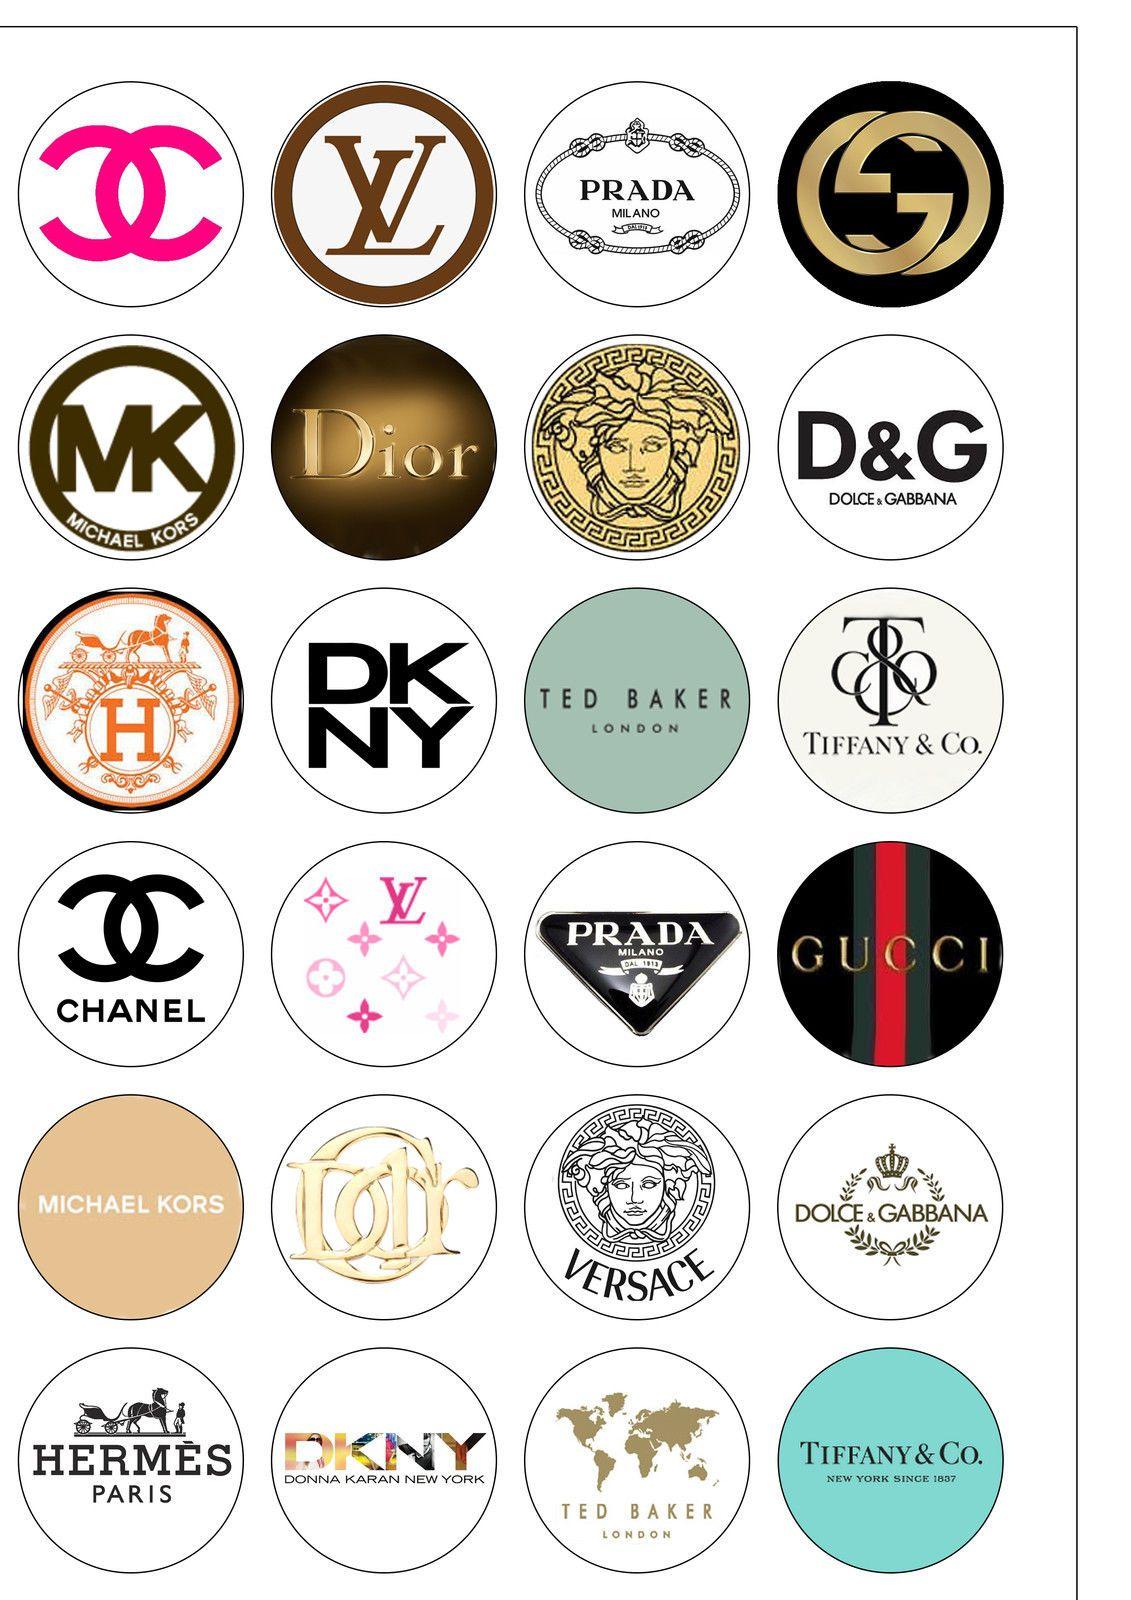 Designer brands Bottle cap images